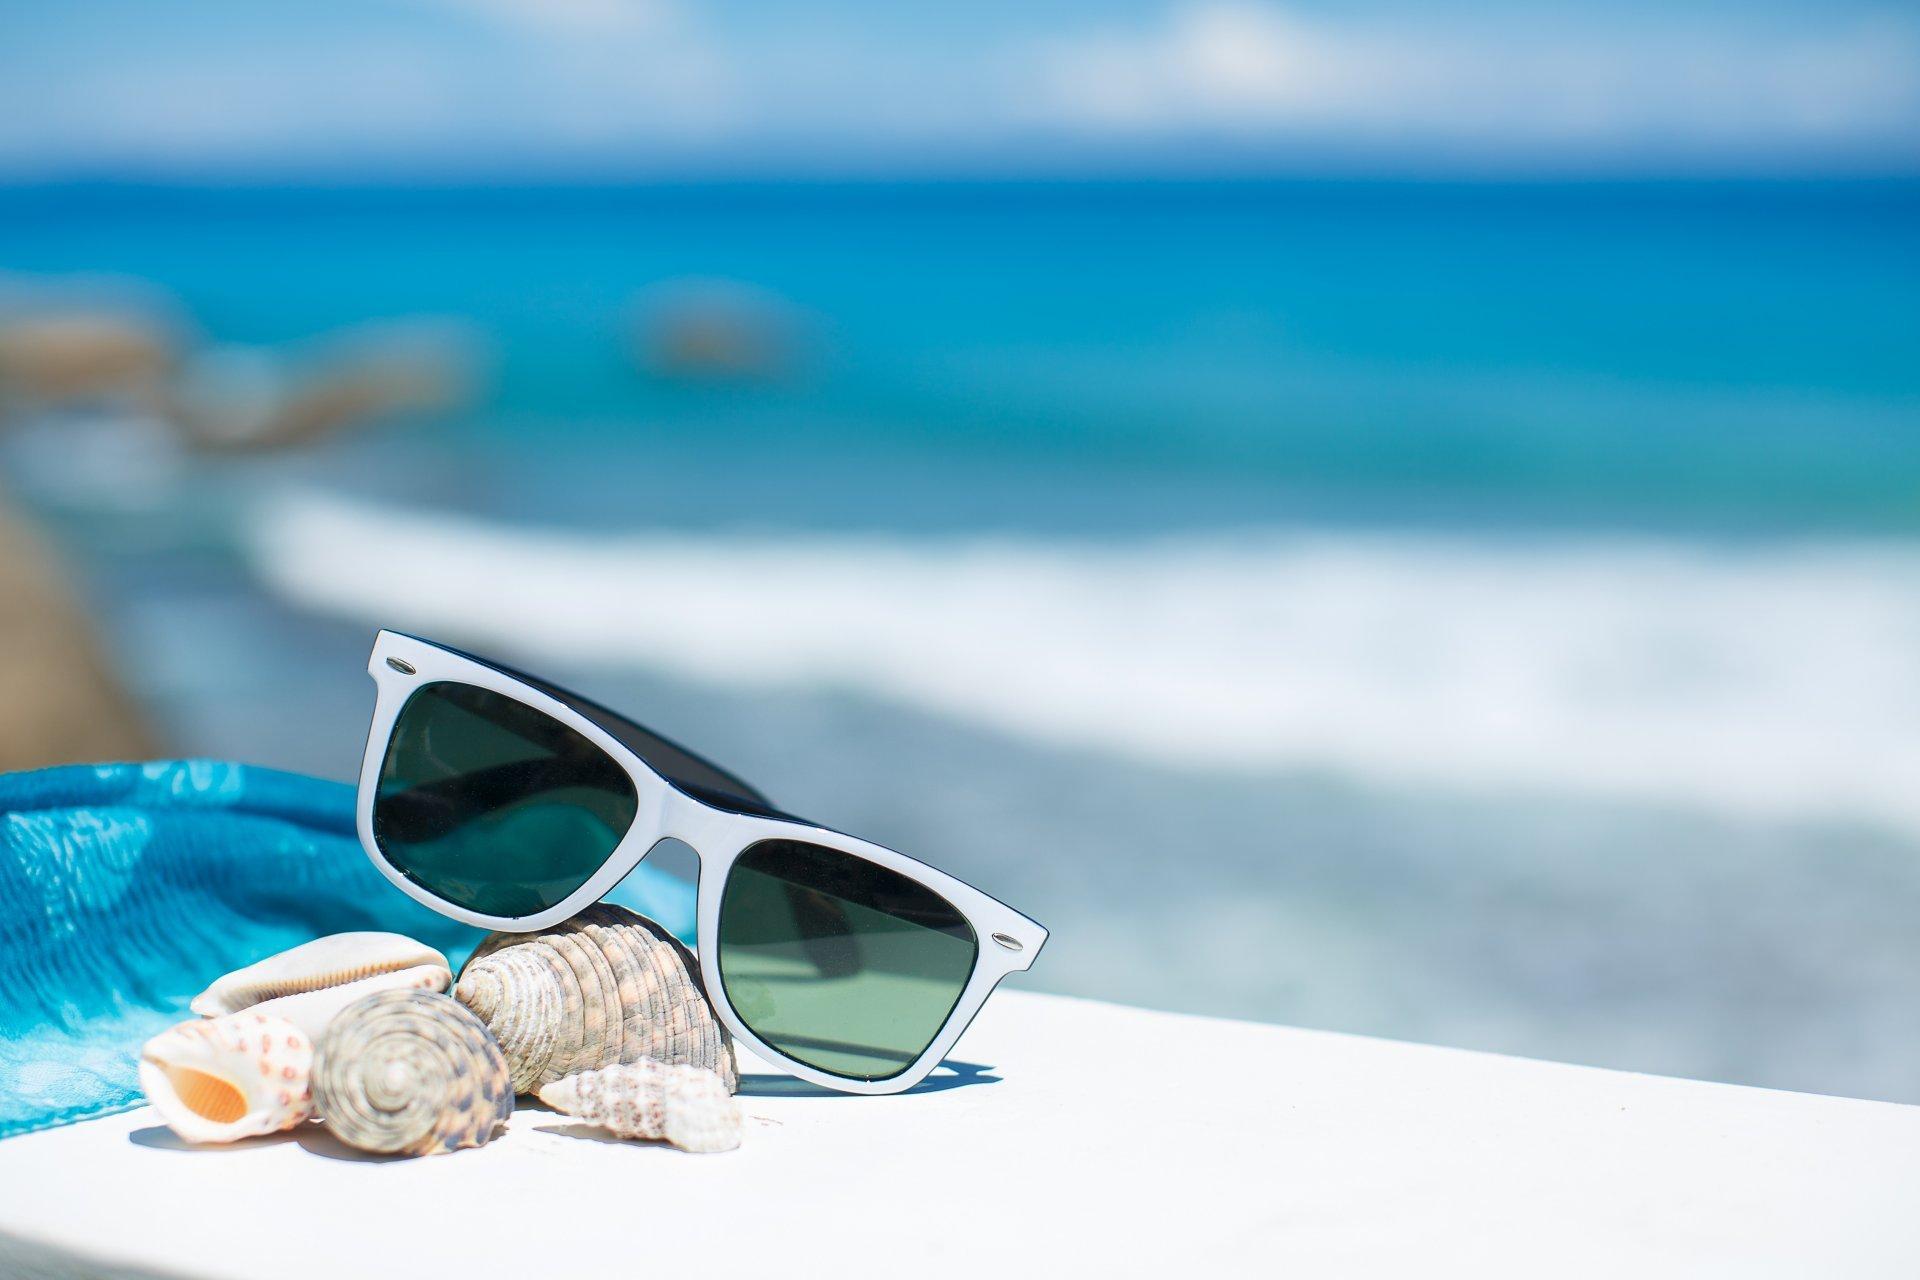 Accessori mare e spiaggia: gadget personalizzati simpatici